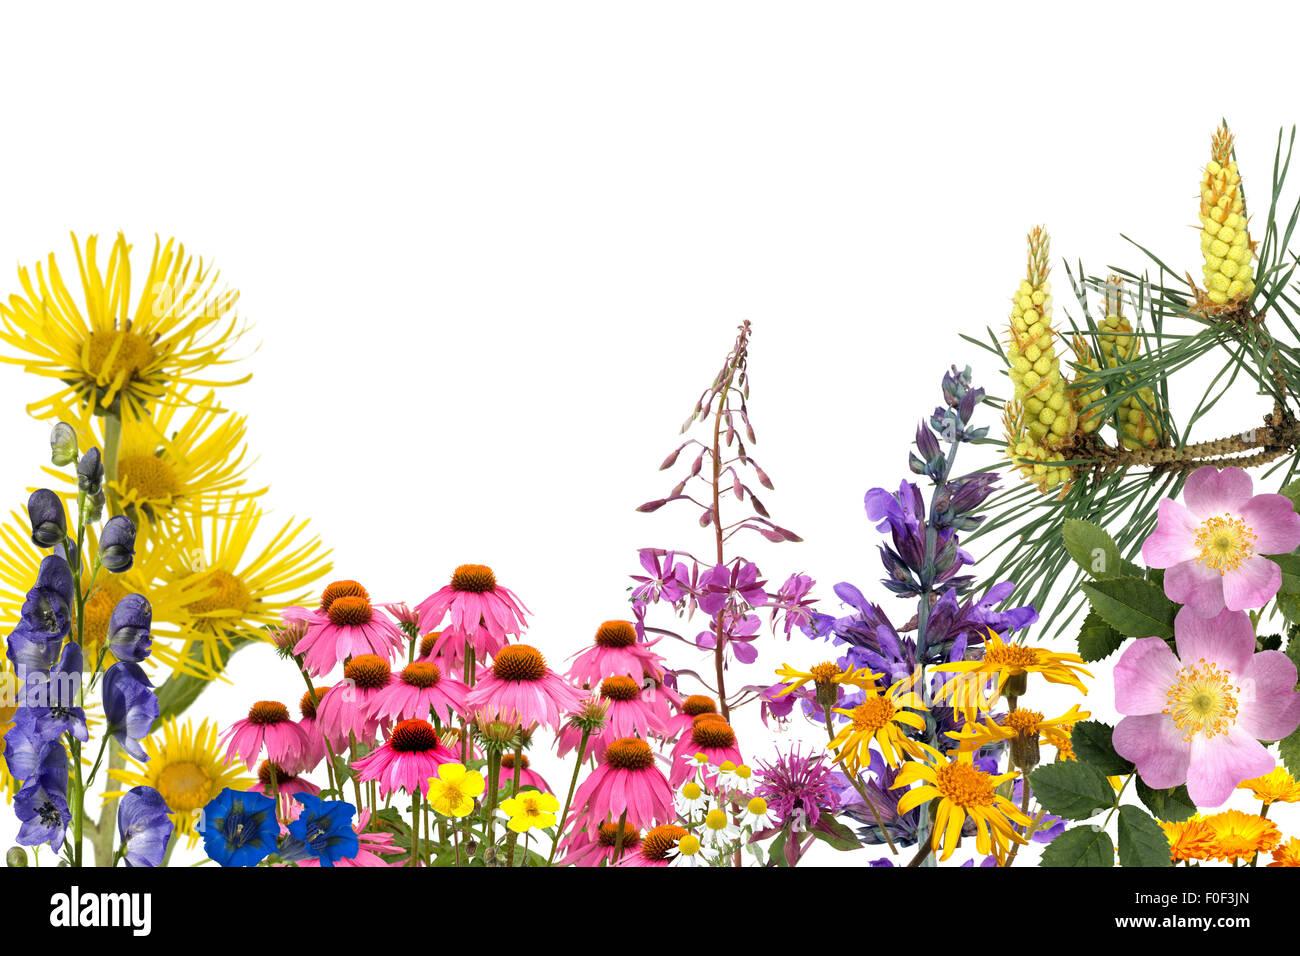 Heilpflanzenarrangement, freisteller - Stock Image